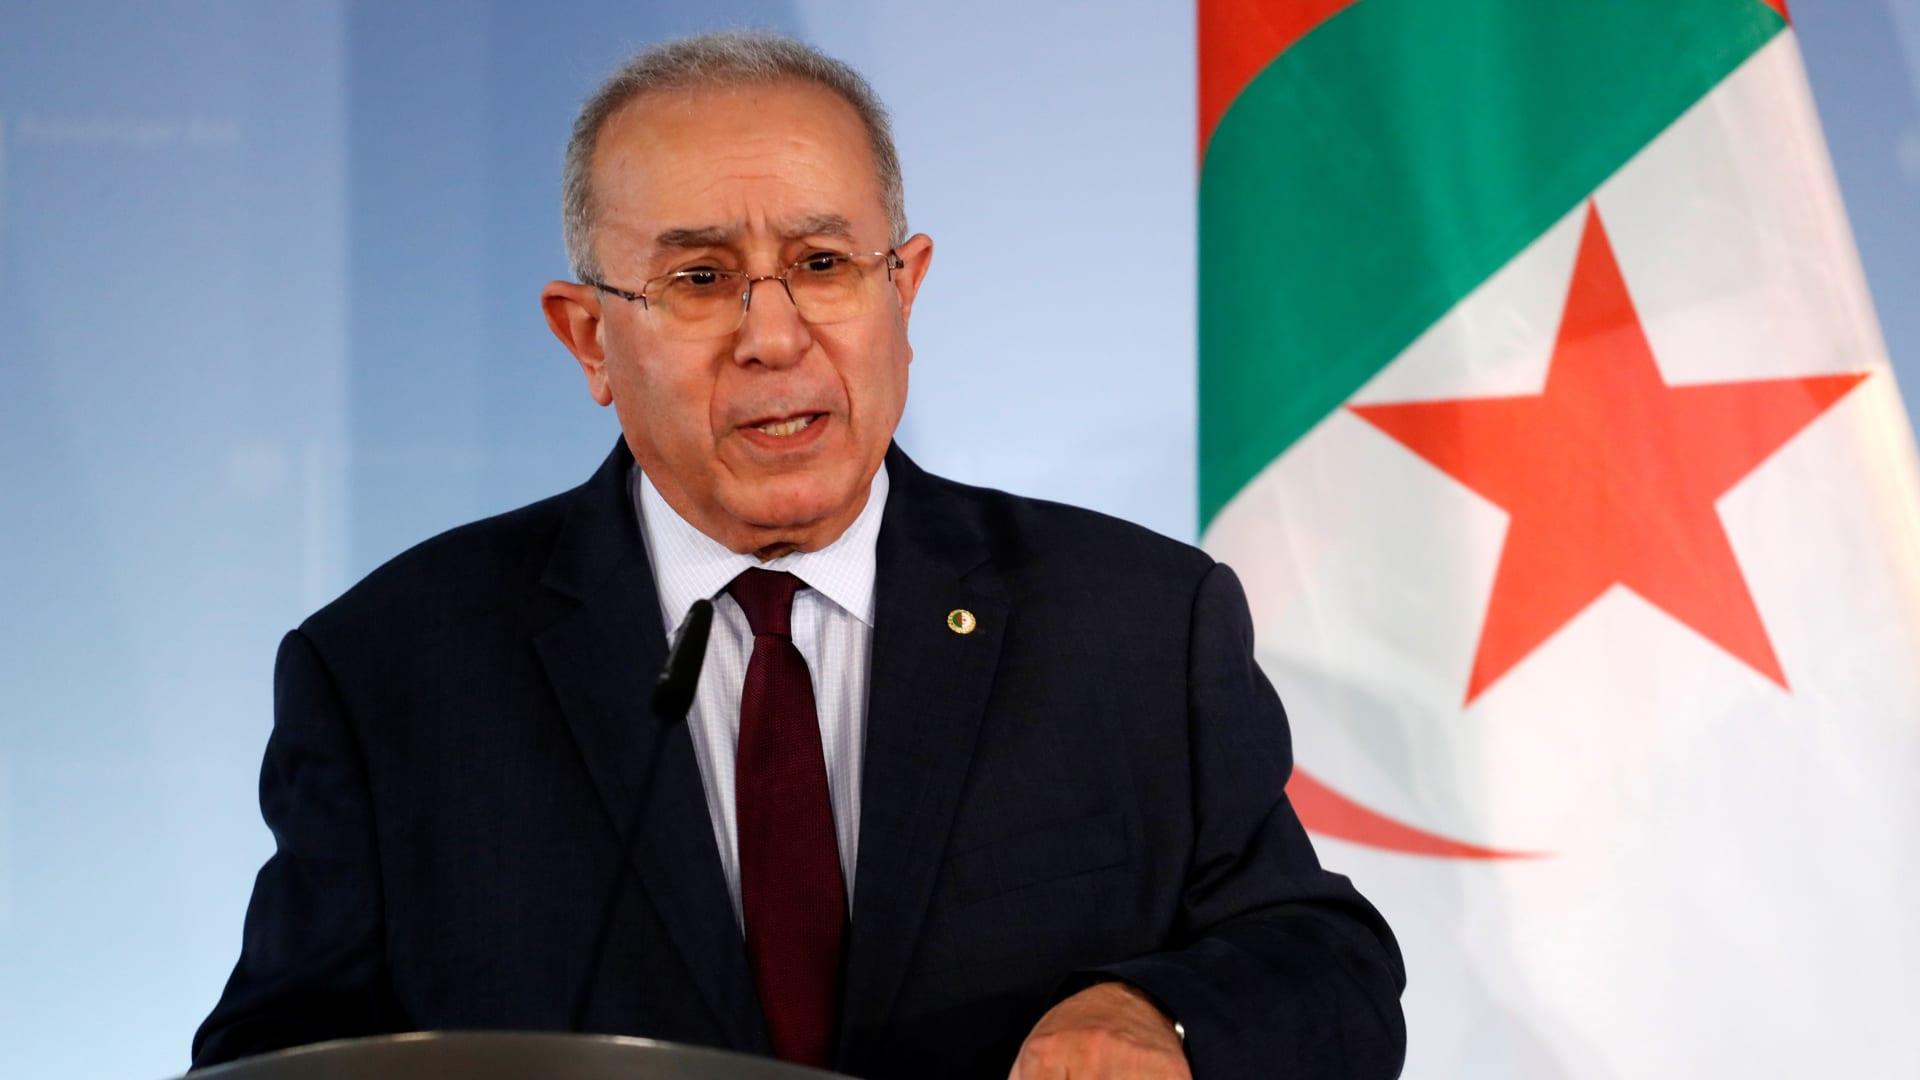 الجزائر تقرر قطع العلاقات الدبلوماسية مع المغرب.. ما أسبابها؟ - CNN Arabic